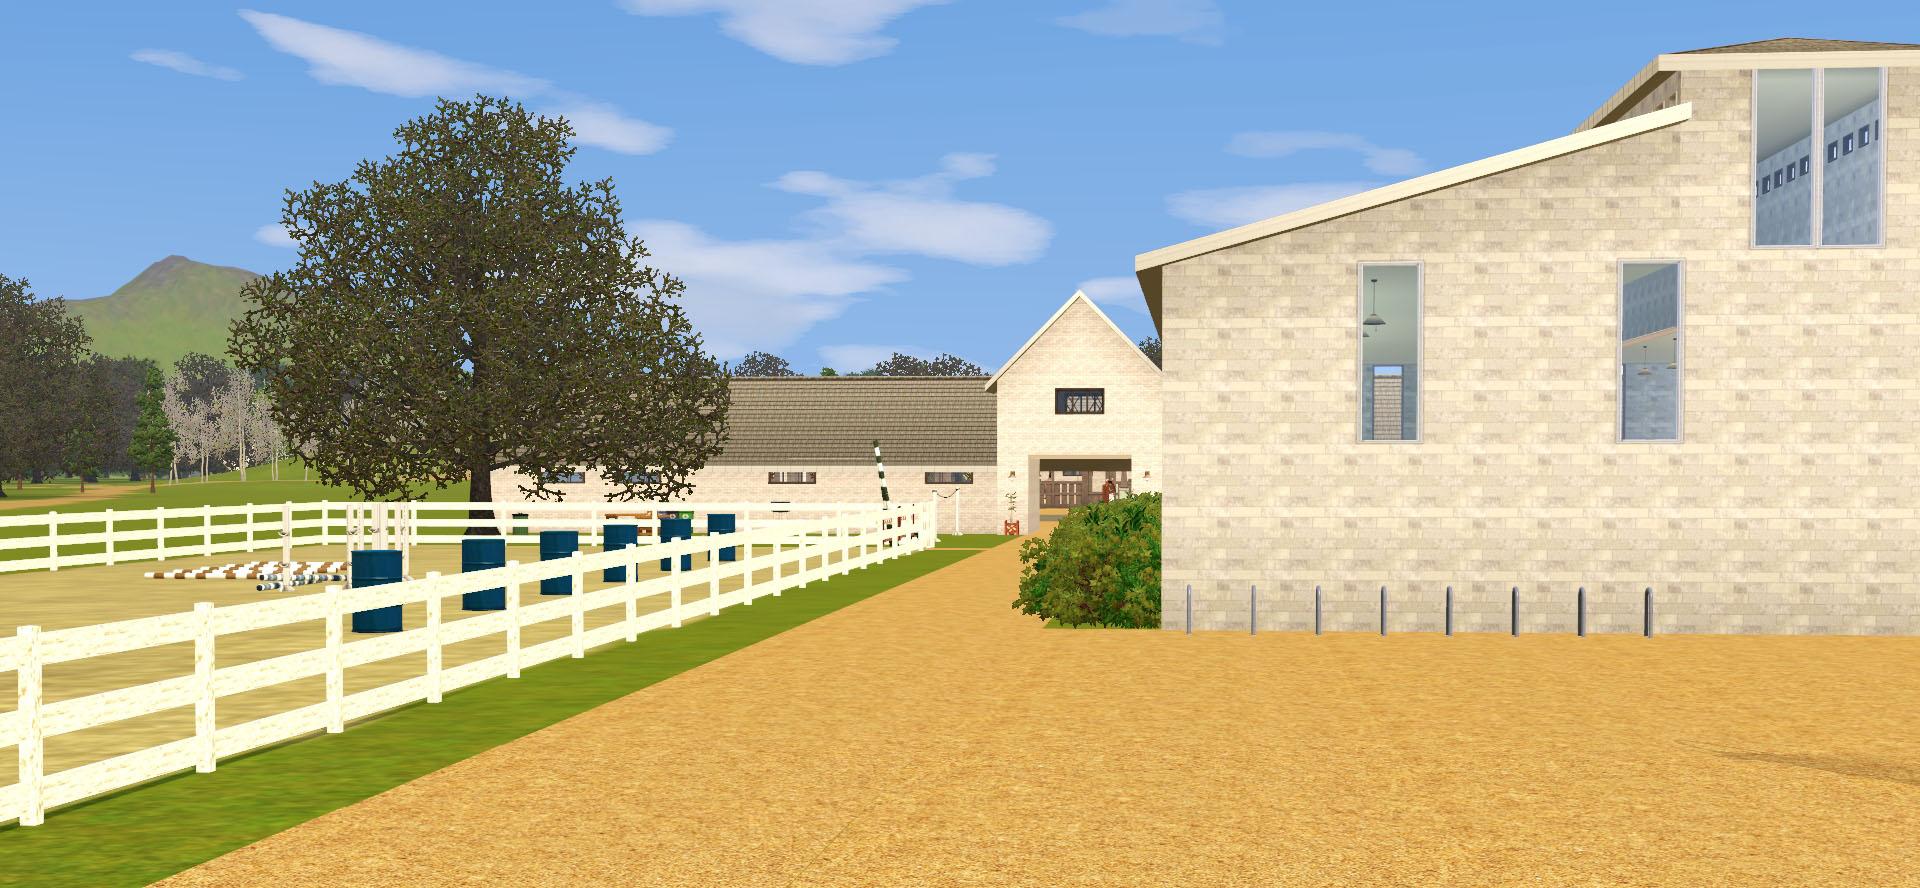 Entrée d'une écurie dans le jeu Sims 3